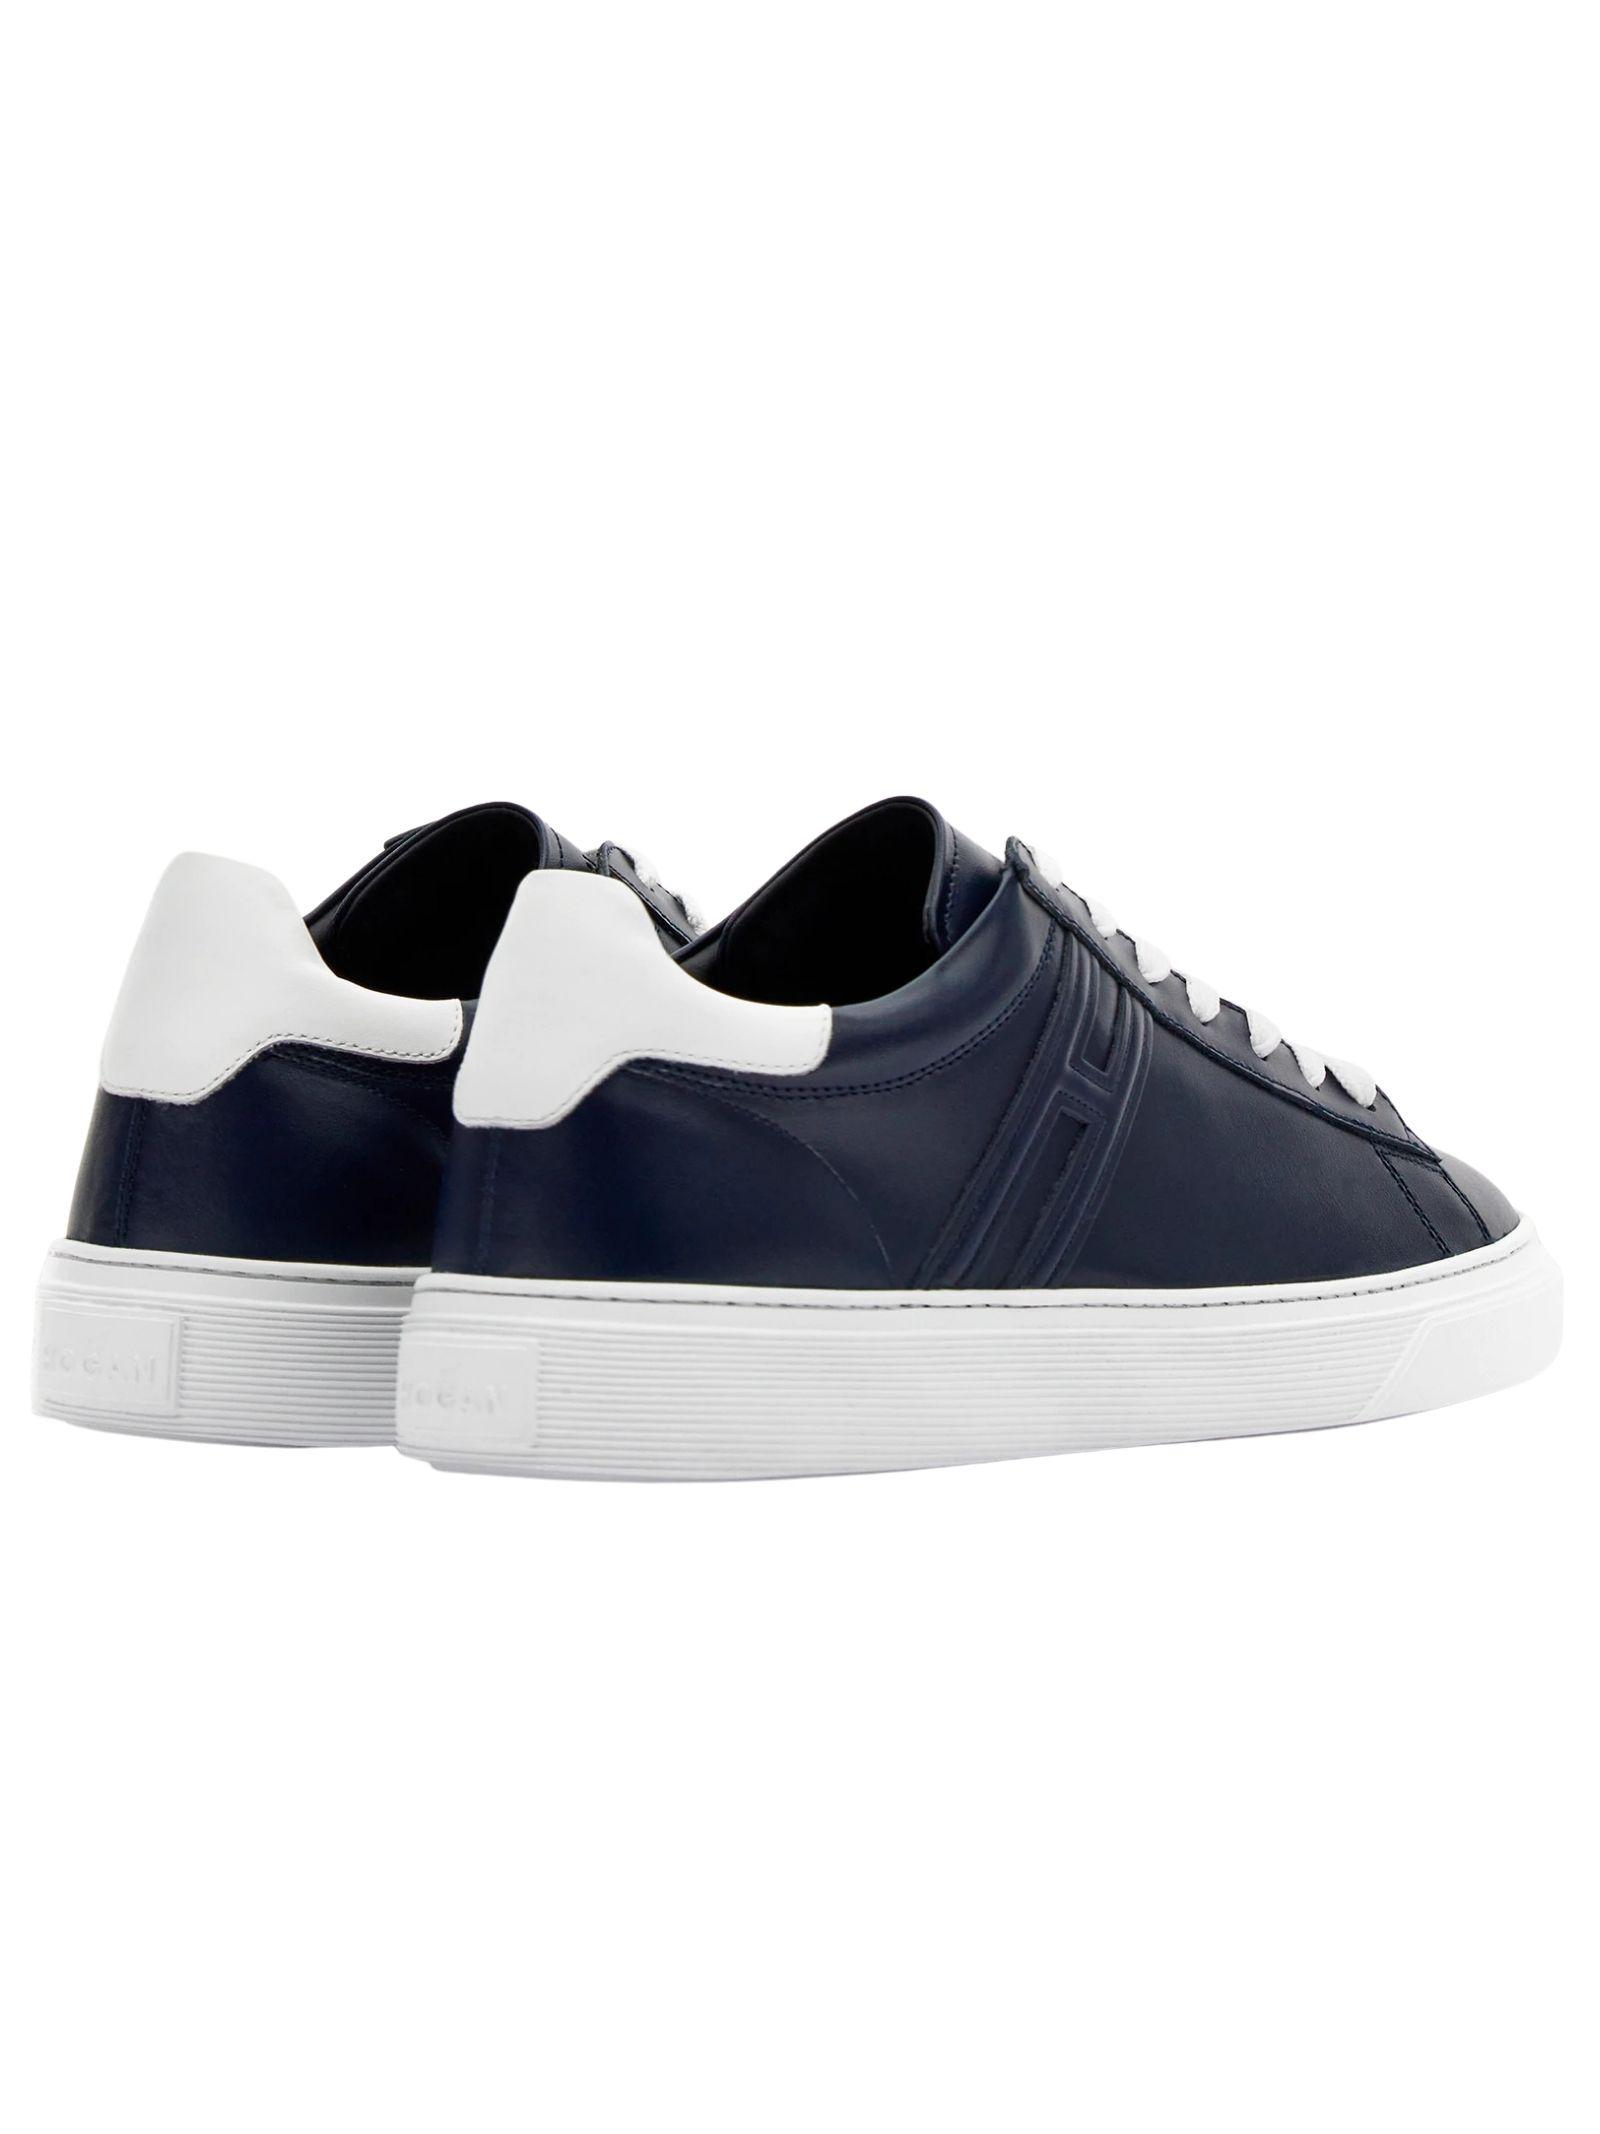 Sneakers Hogan in pelle blu